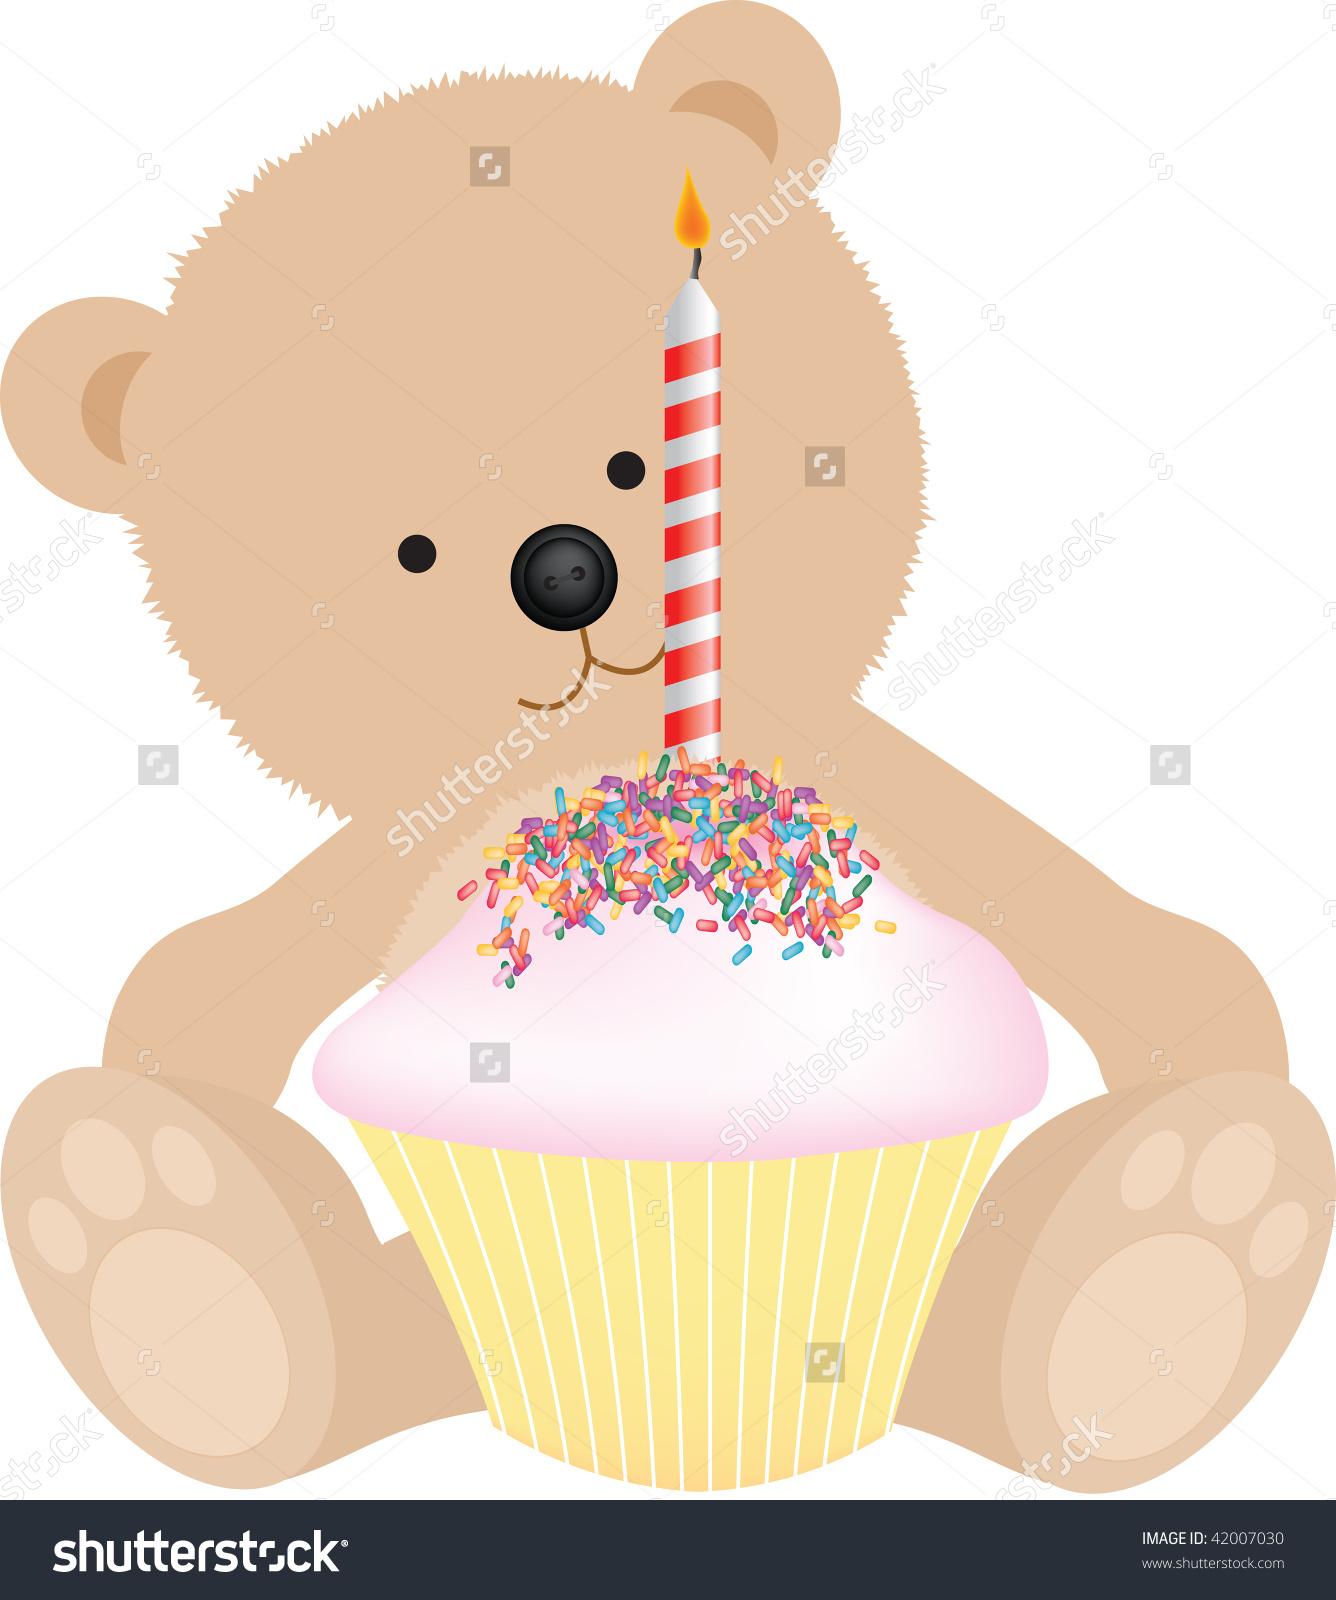 Happy Birthday Teddy Bear Birthday Cake Stock Illustration.